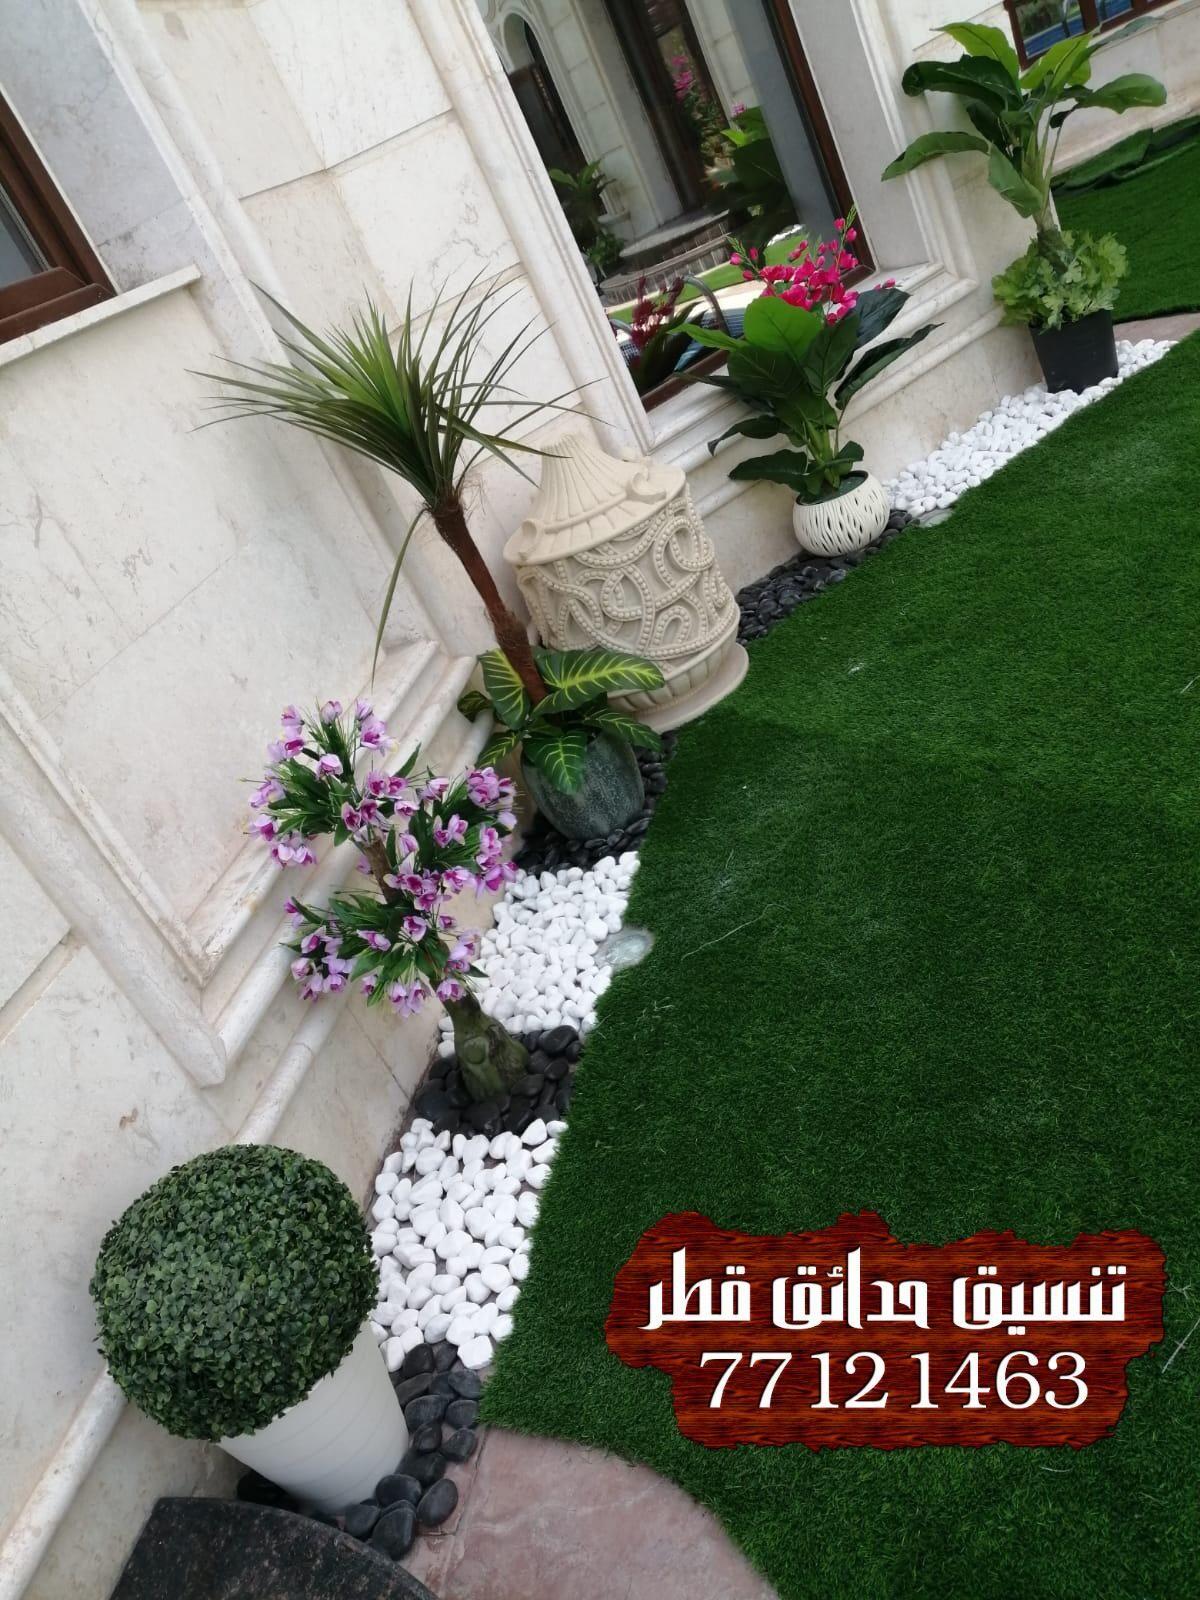 افكار تصميم حديقة منزلية قطر افكار تنسيق حدائق افكار تنسيق حدائق منزليه افكار تجميل حدائق منزلية Outdoor Decor Instagram Photo Instagram